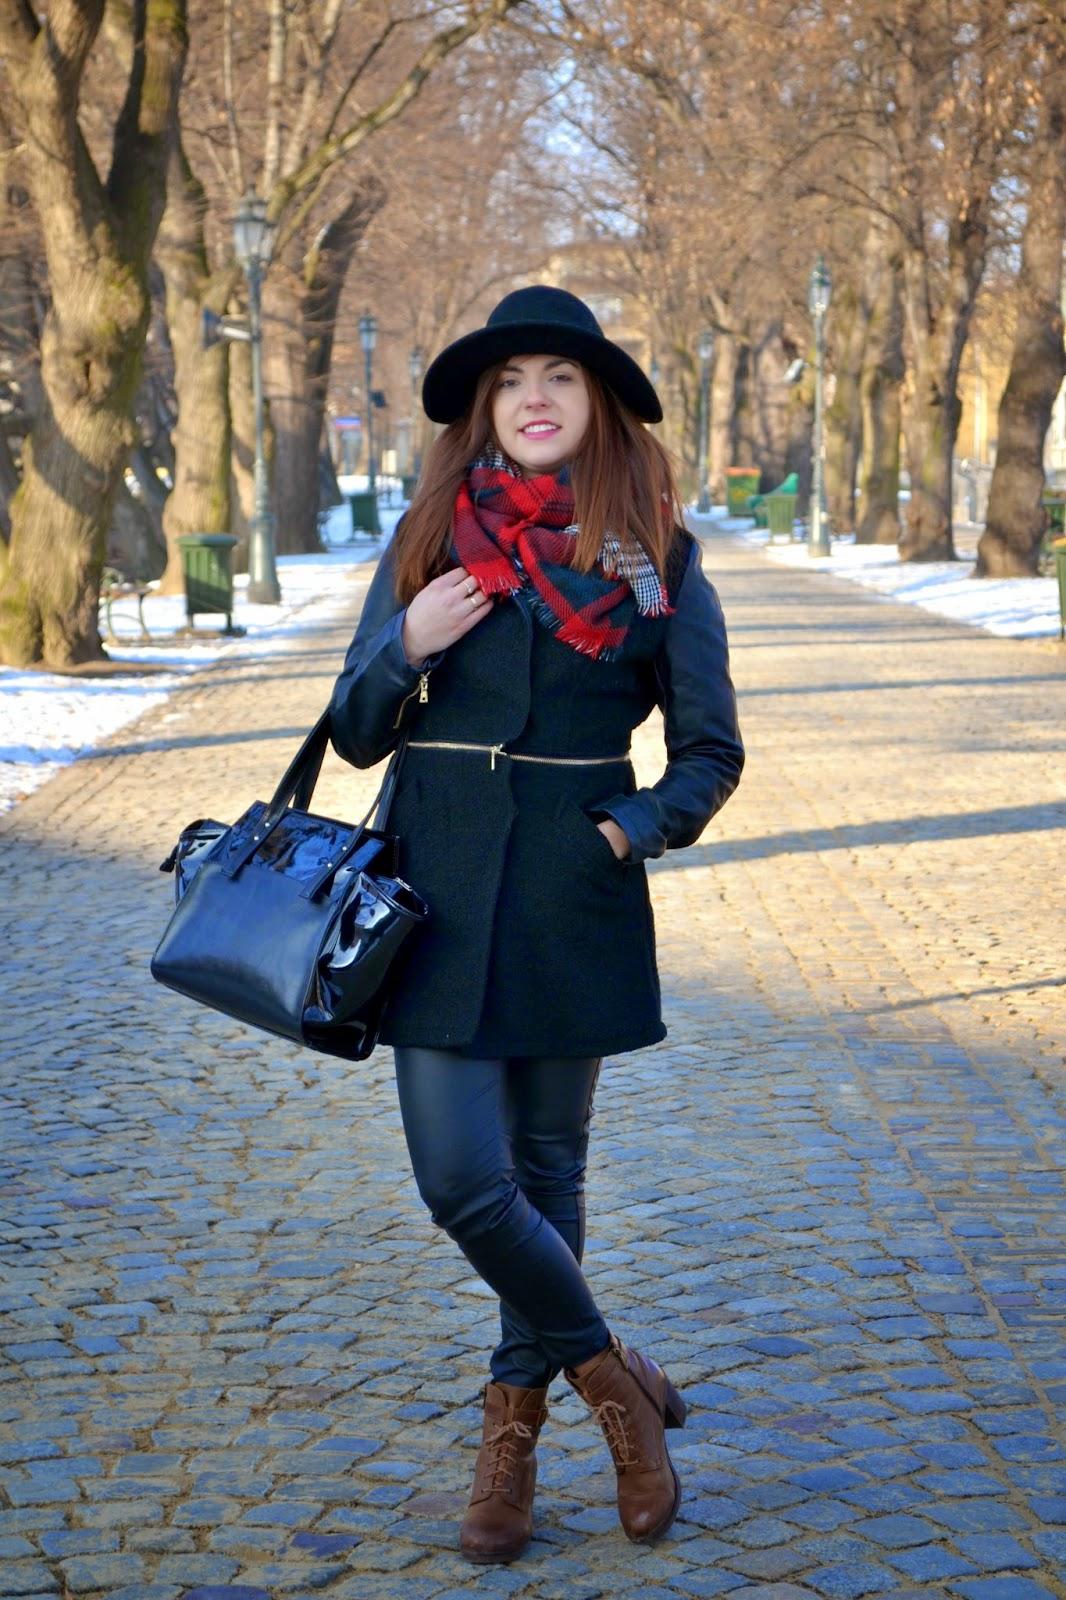 szal w krate, szal w kratkę, duży szal czarno-biały czerwony, czarny kapelusz, skórzane botki Lasocki, lakierowana torebka, kuferek, czarny płaszcz